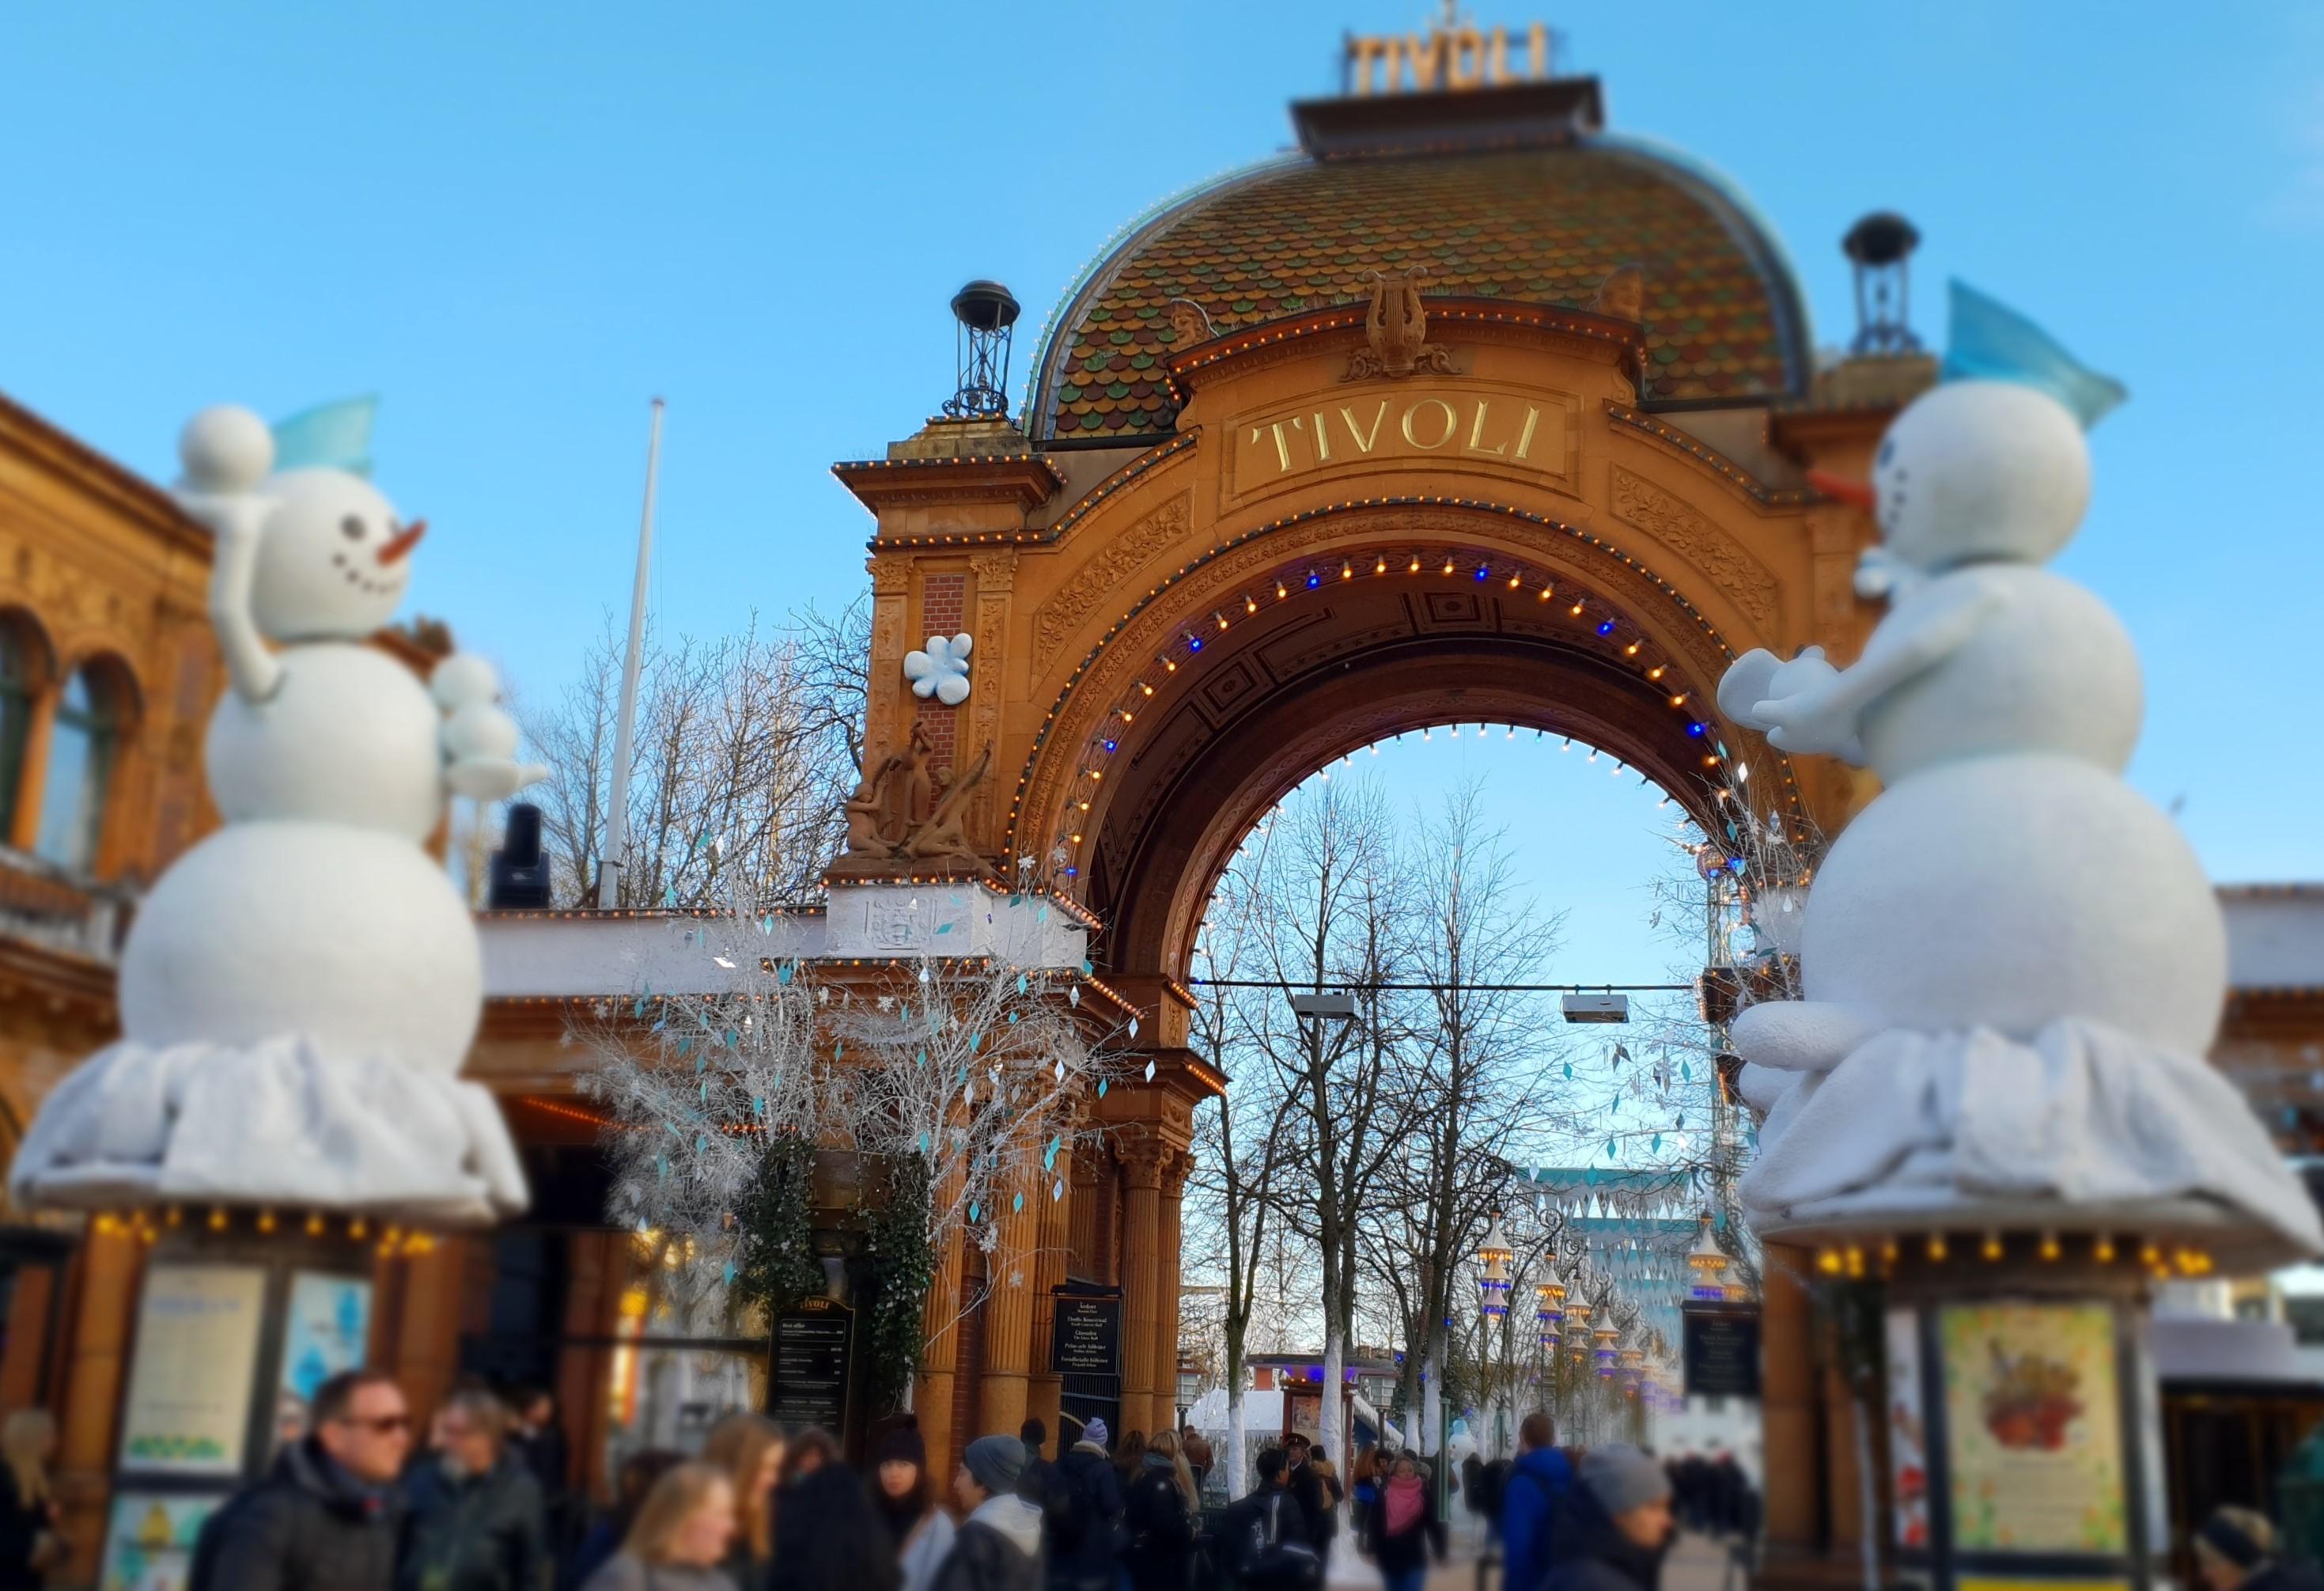 Tivoli: Denmark's Amusement Park and Gardens Since 1843